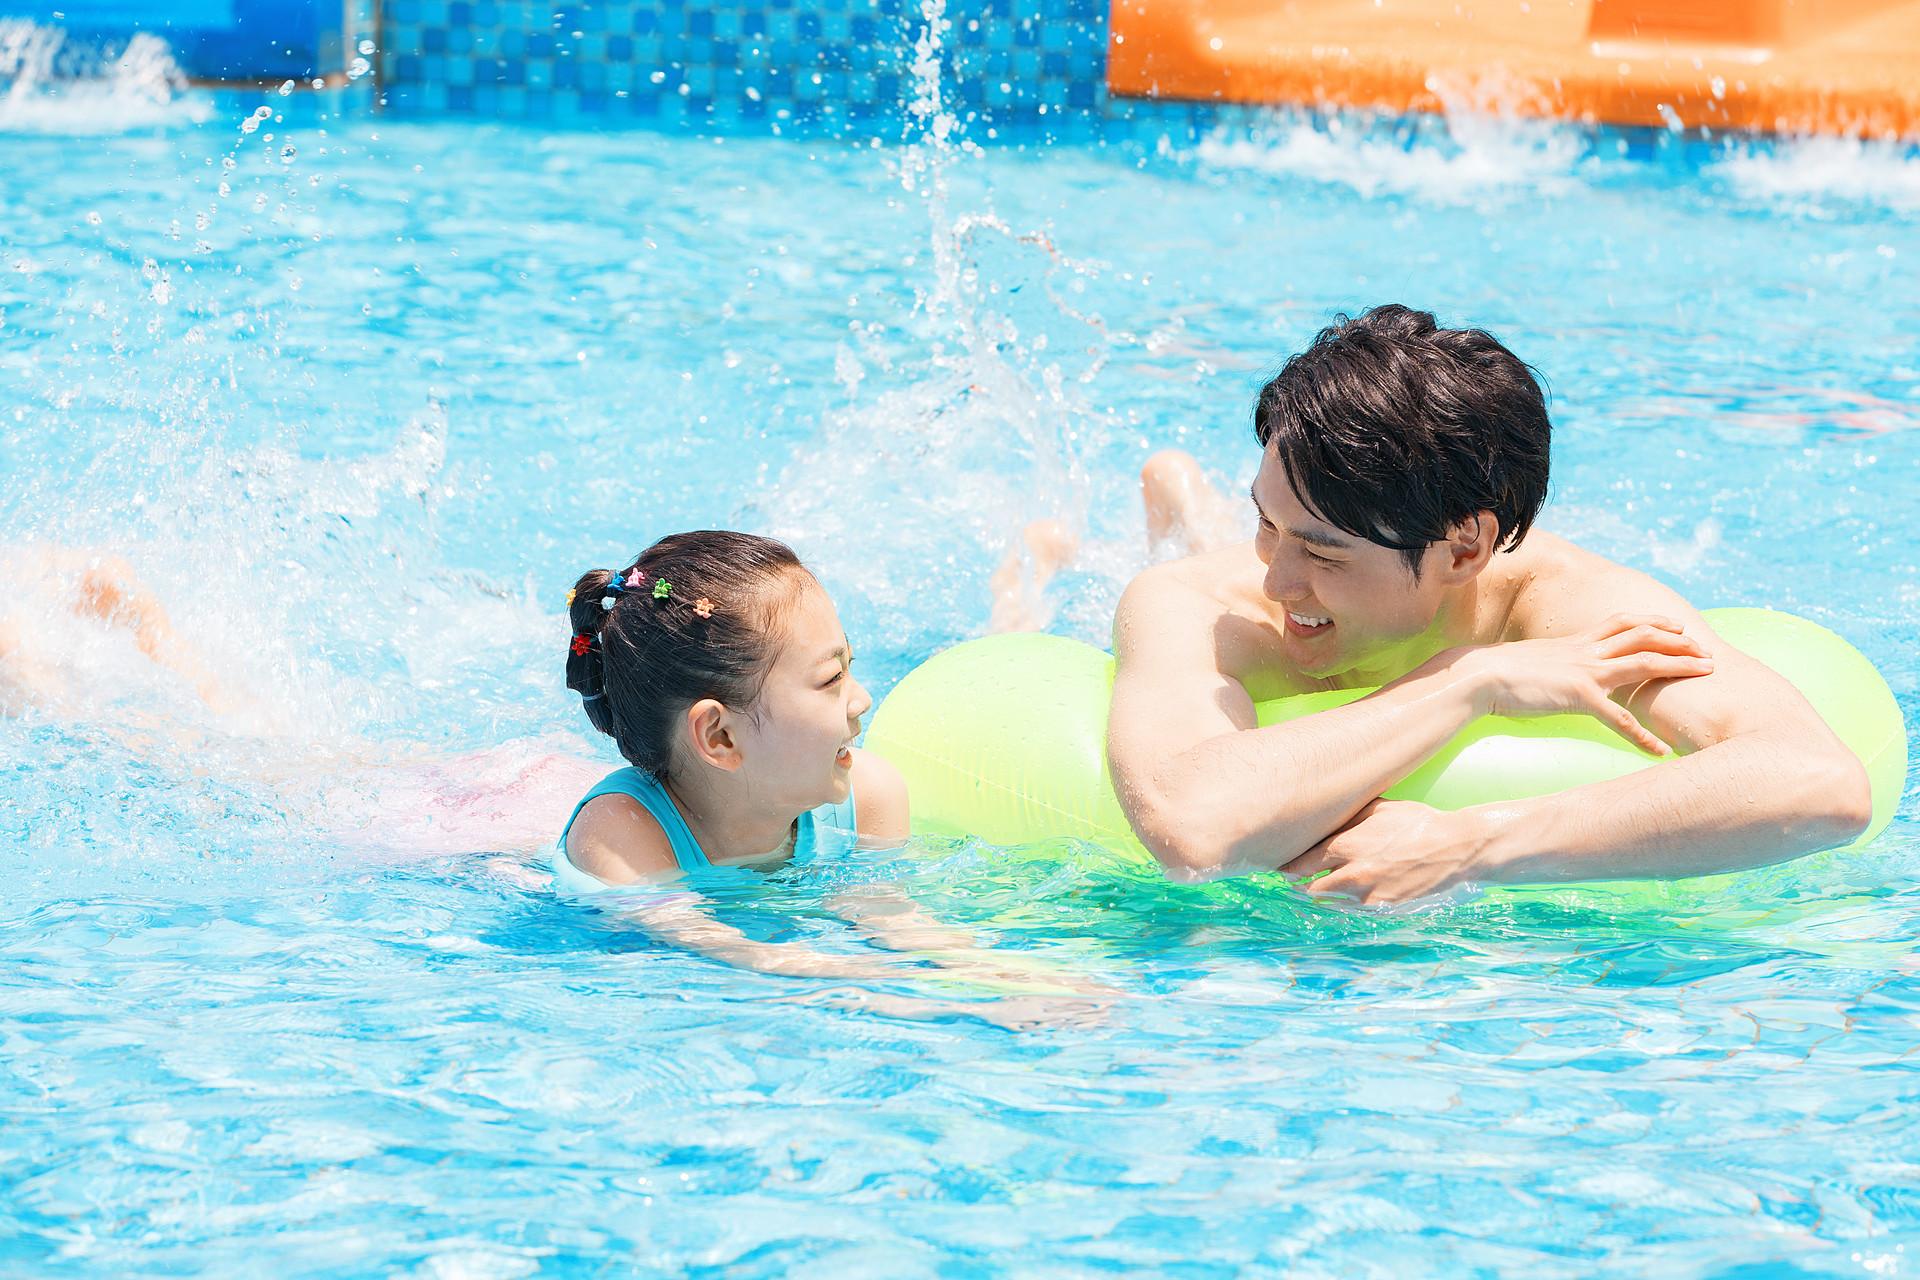 【玩转周边】小马尔代夫!如金温泉水世界1日游